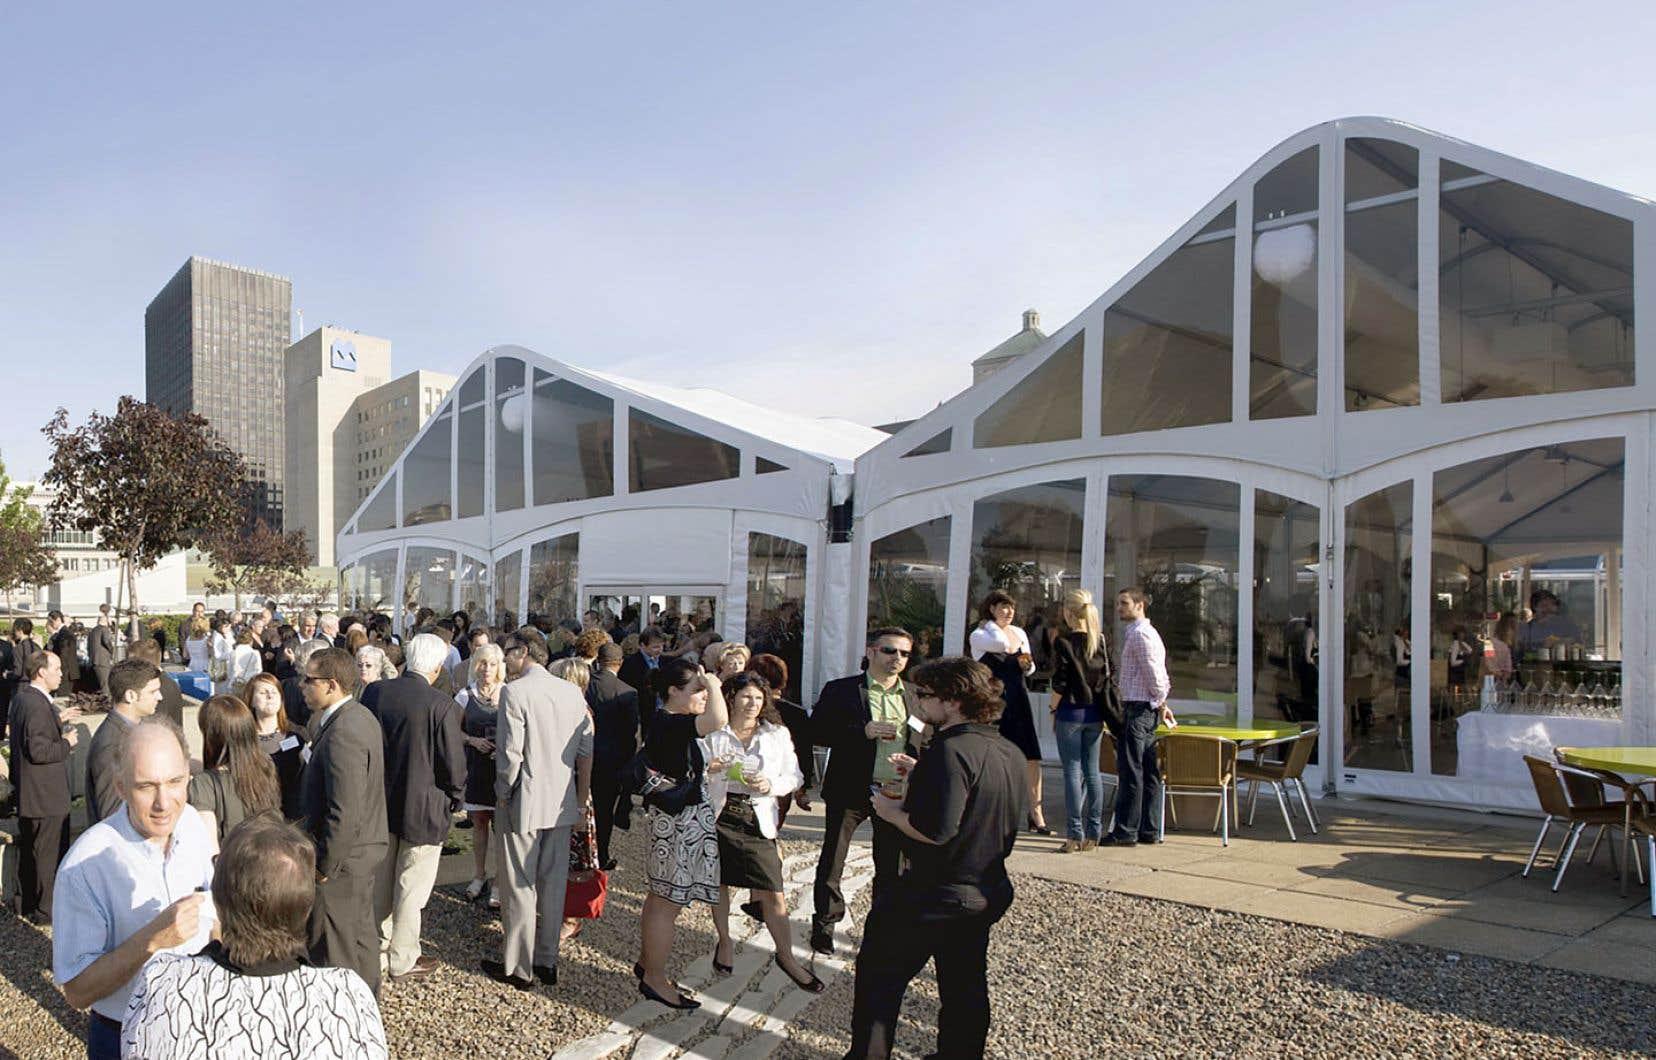 Le Palais des congrès accueille aujourd'hui entre 330 et 350 événements de tous genres et de toutes tailles.